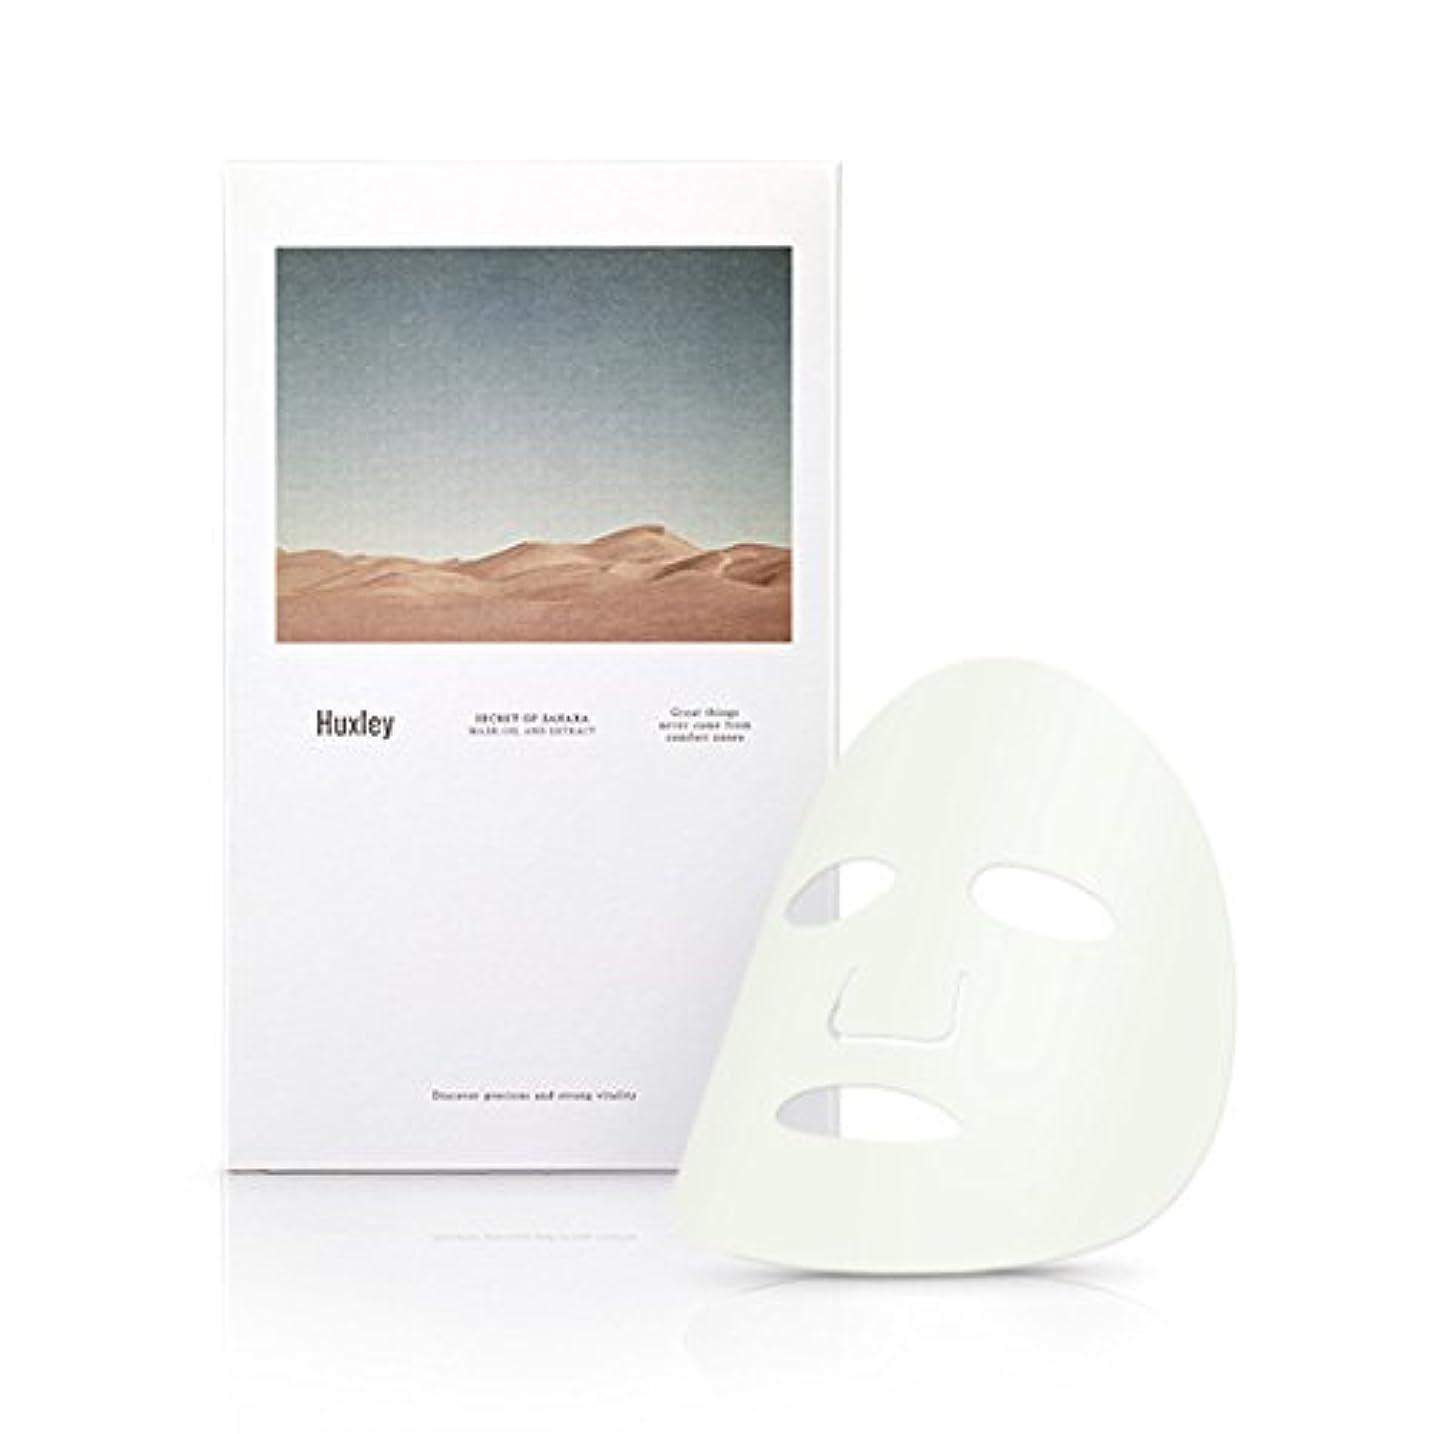 演じるレキシコンポーチHuxley Mask;Oil And Extract 25ml × 3ea/ハクスリー マスク;オイル アンド エクストラクト 25ml × 3枚 [並行輸入品]